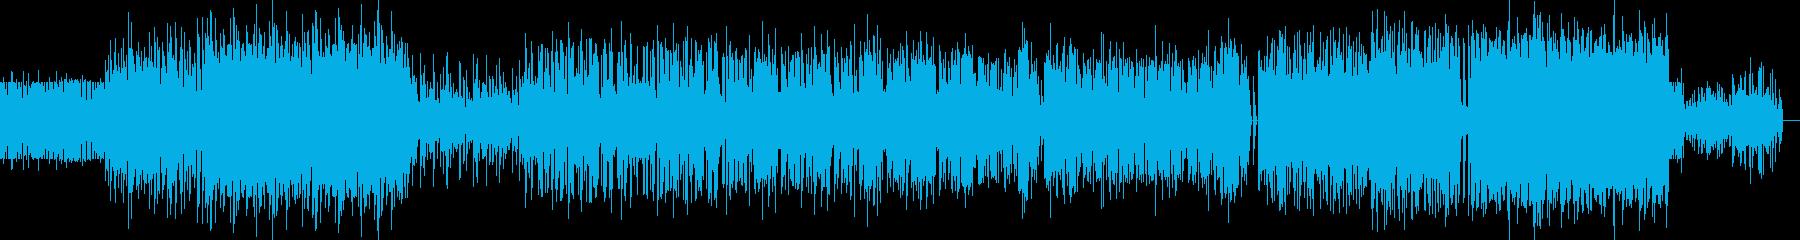 重厚なインダストリアルミュージックの再生済みの波形